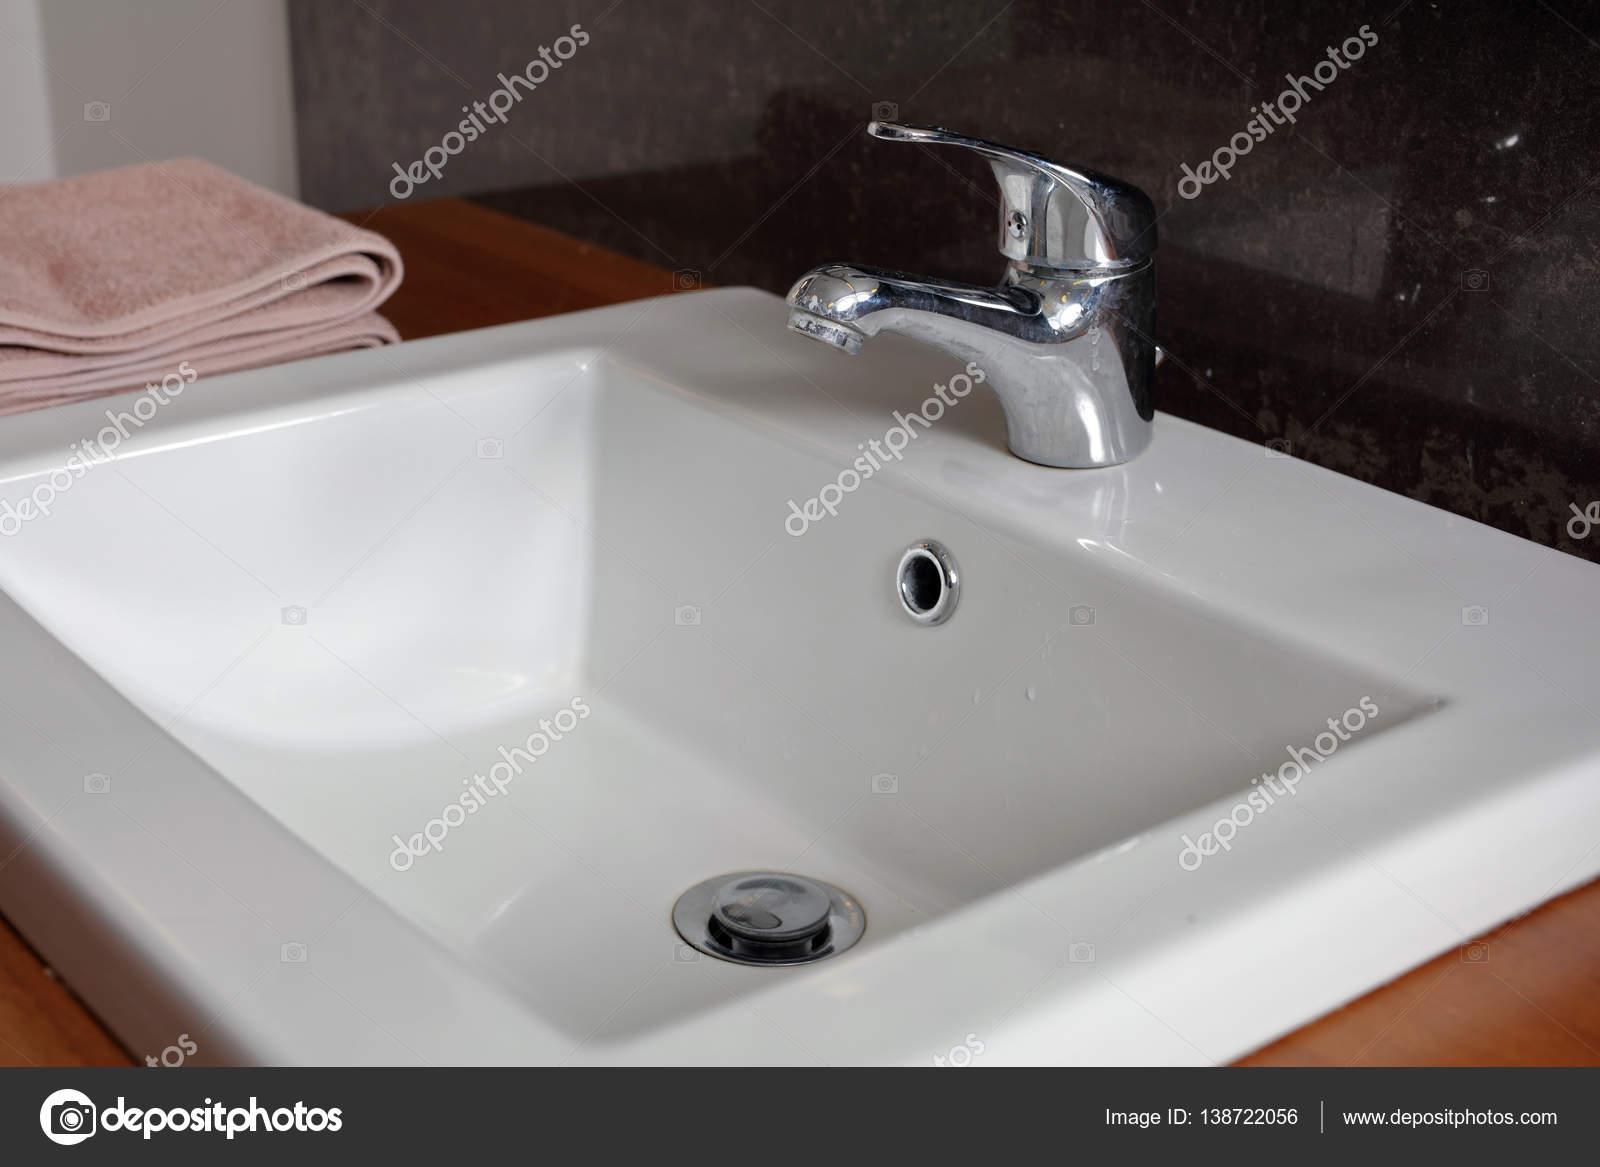 Badkamer wastafel, wastafels. Sanitair modern minimalistisch design ...